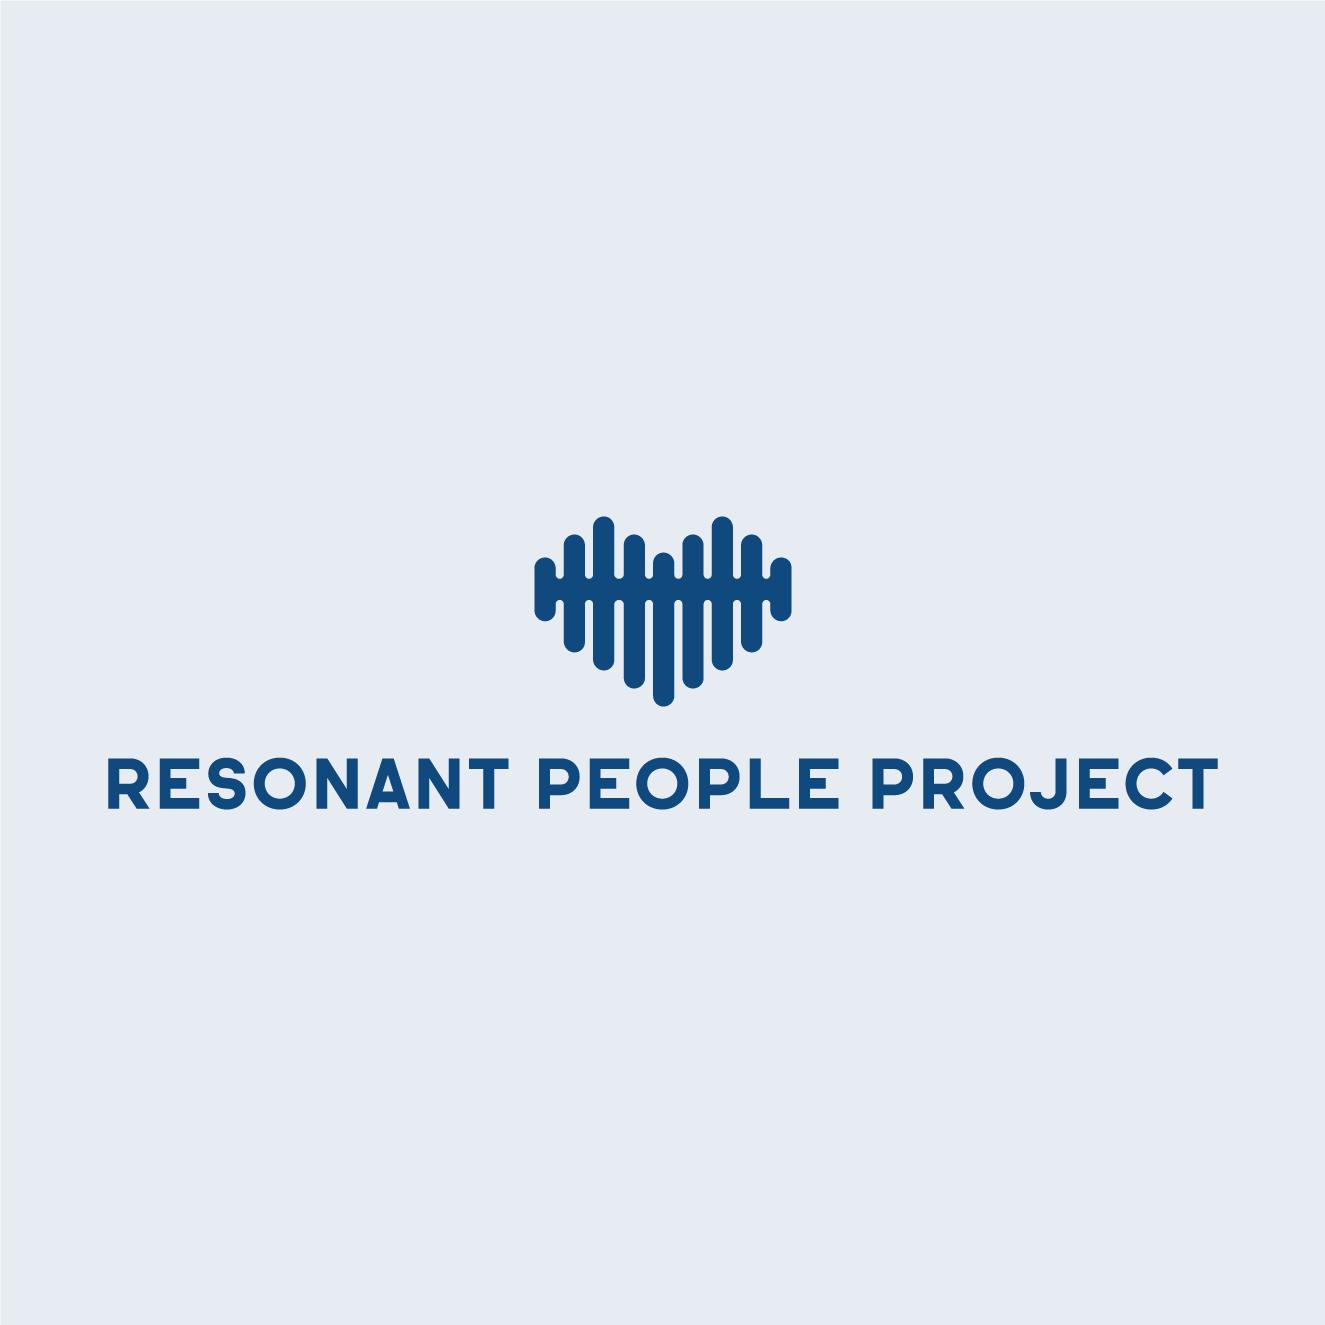 Resonant People